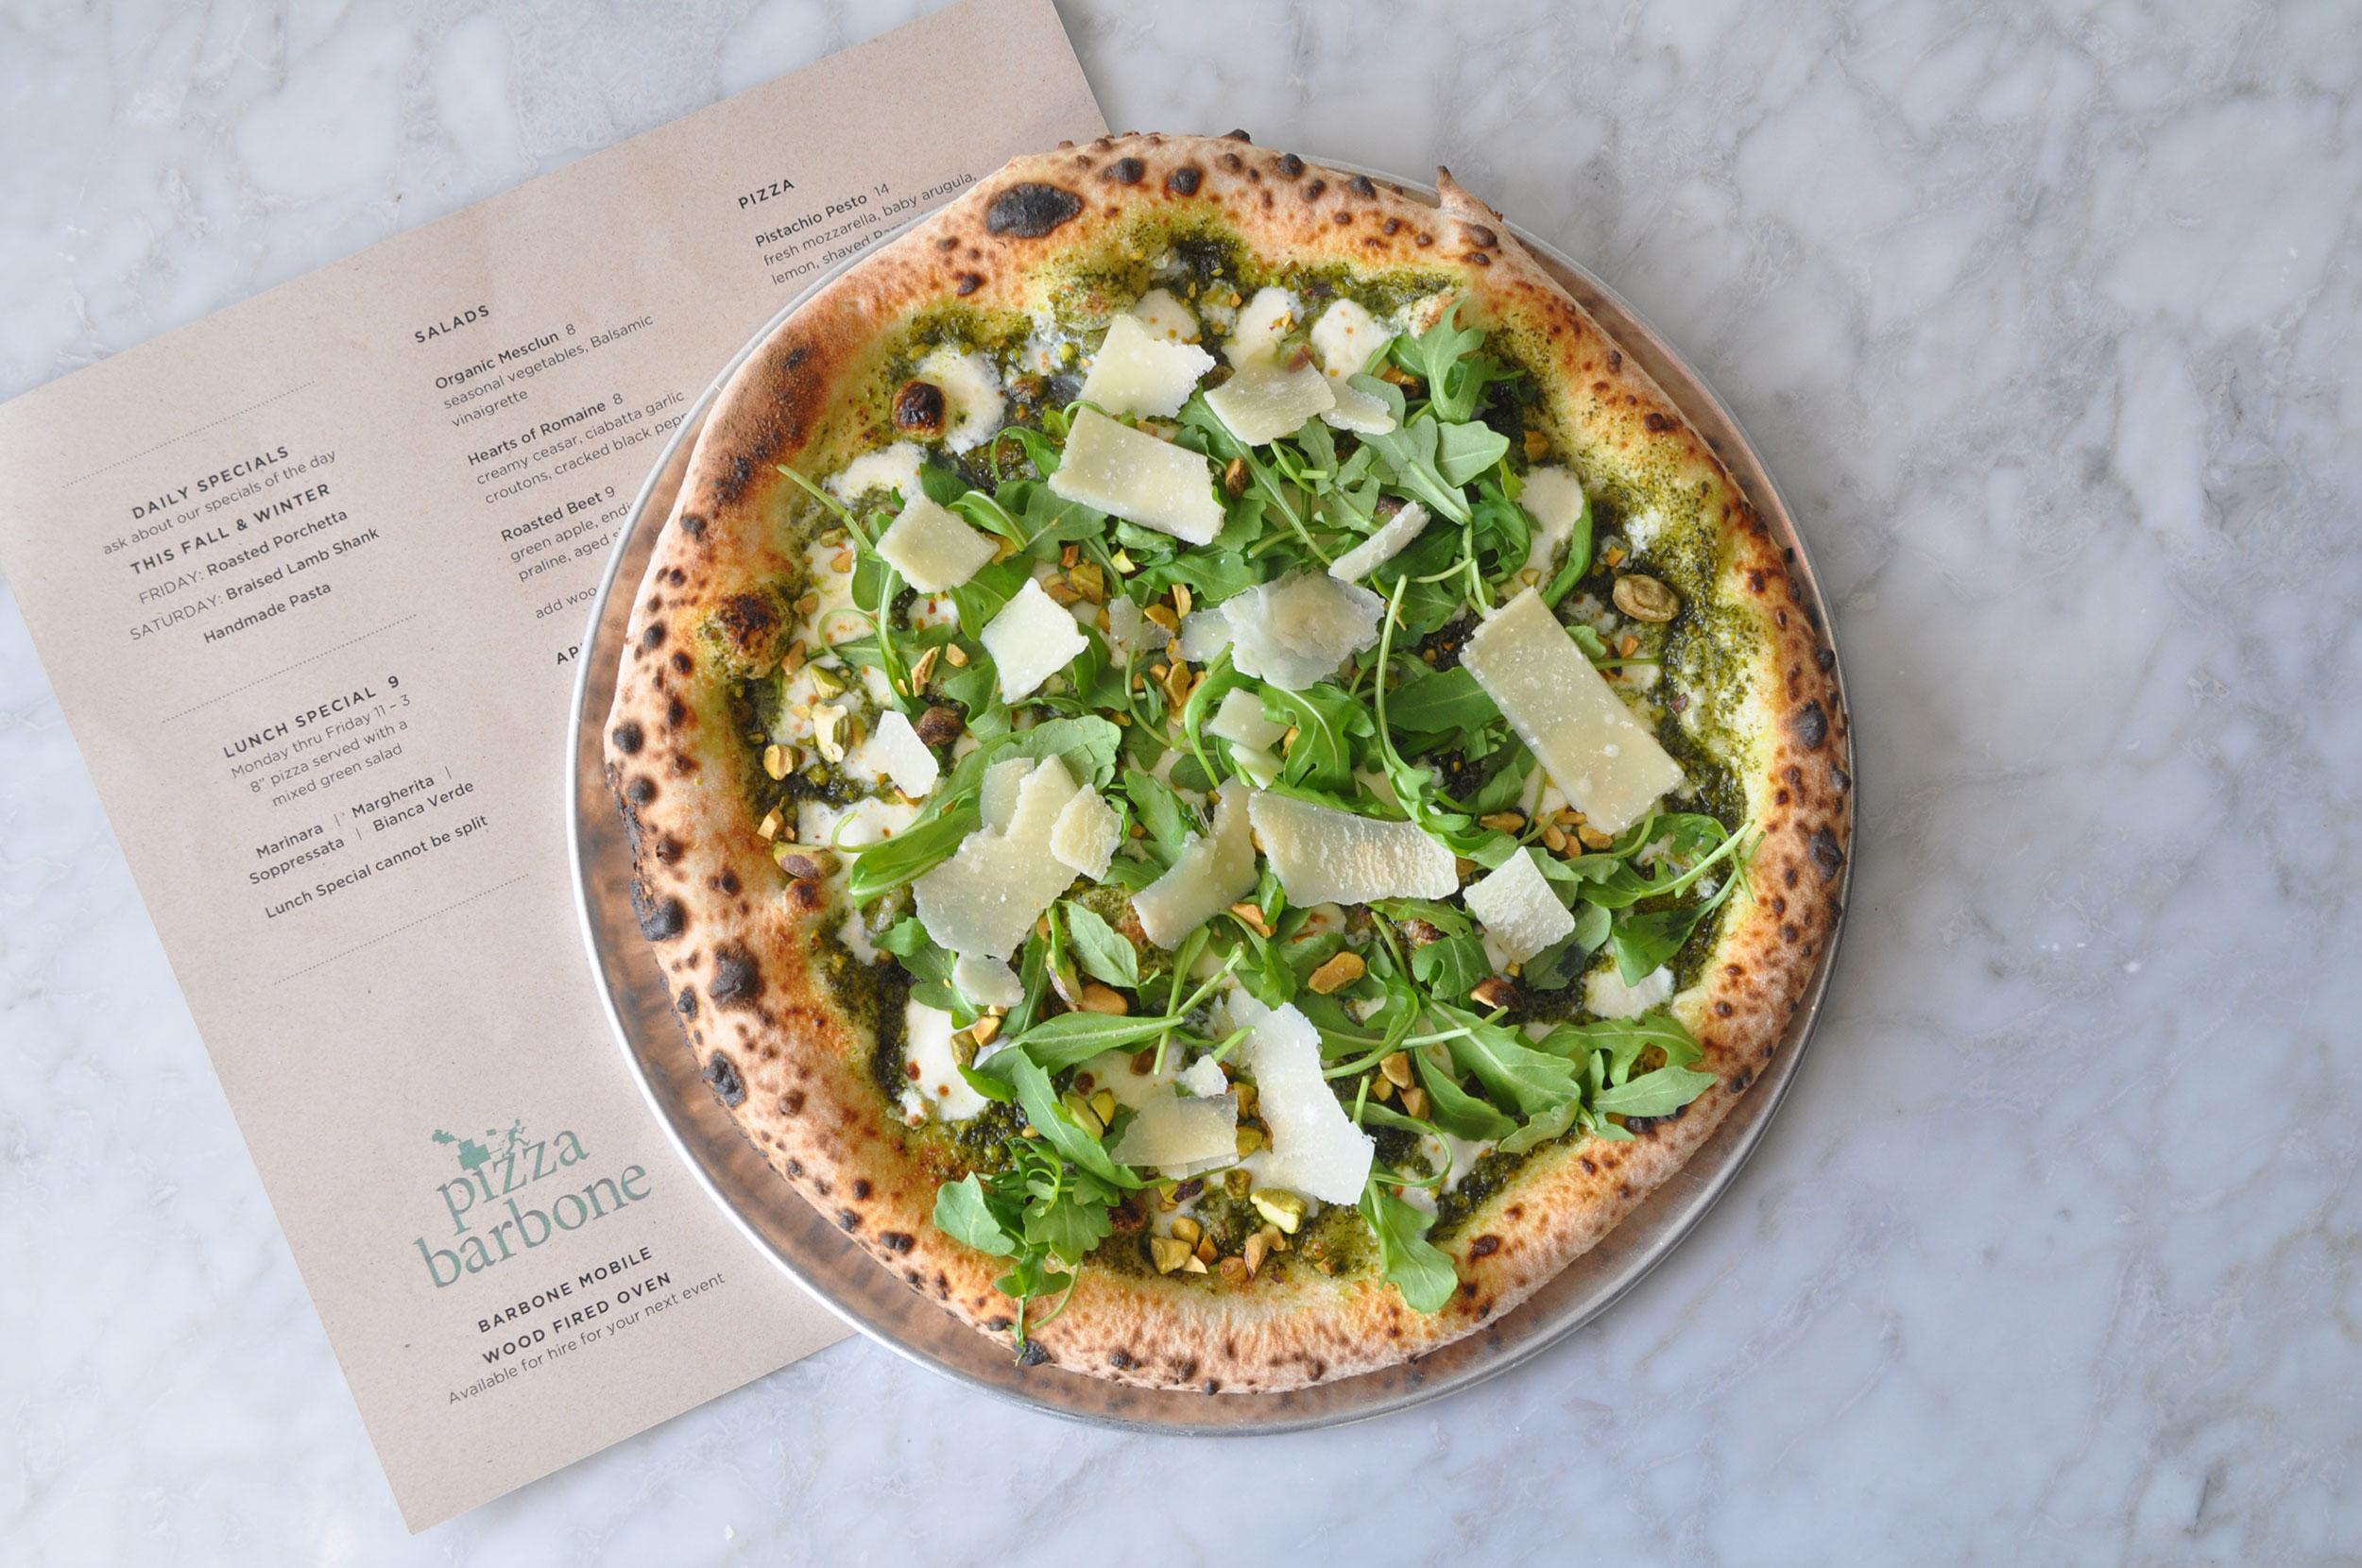 pizza-barbone-arugula.jpg